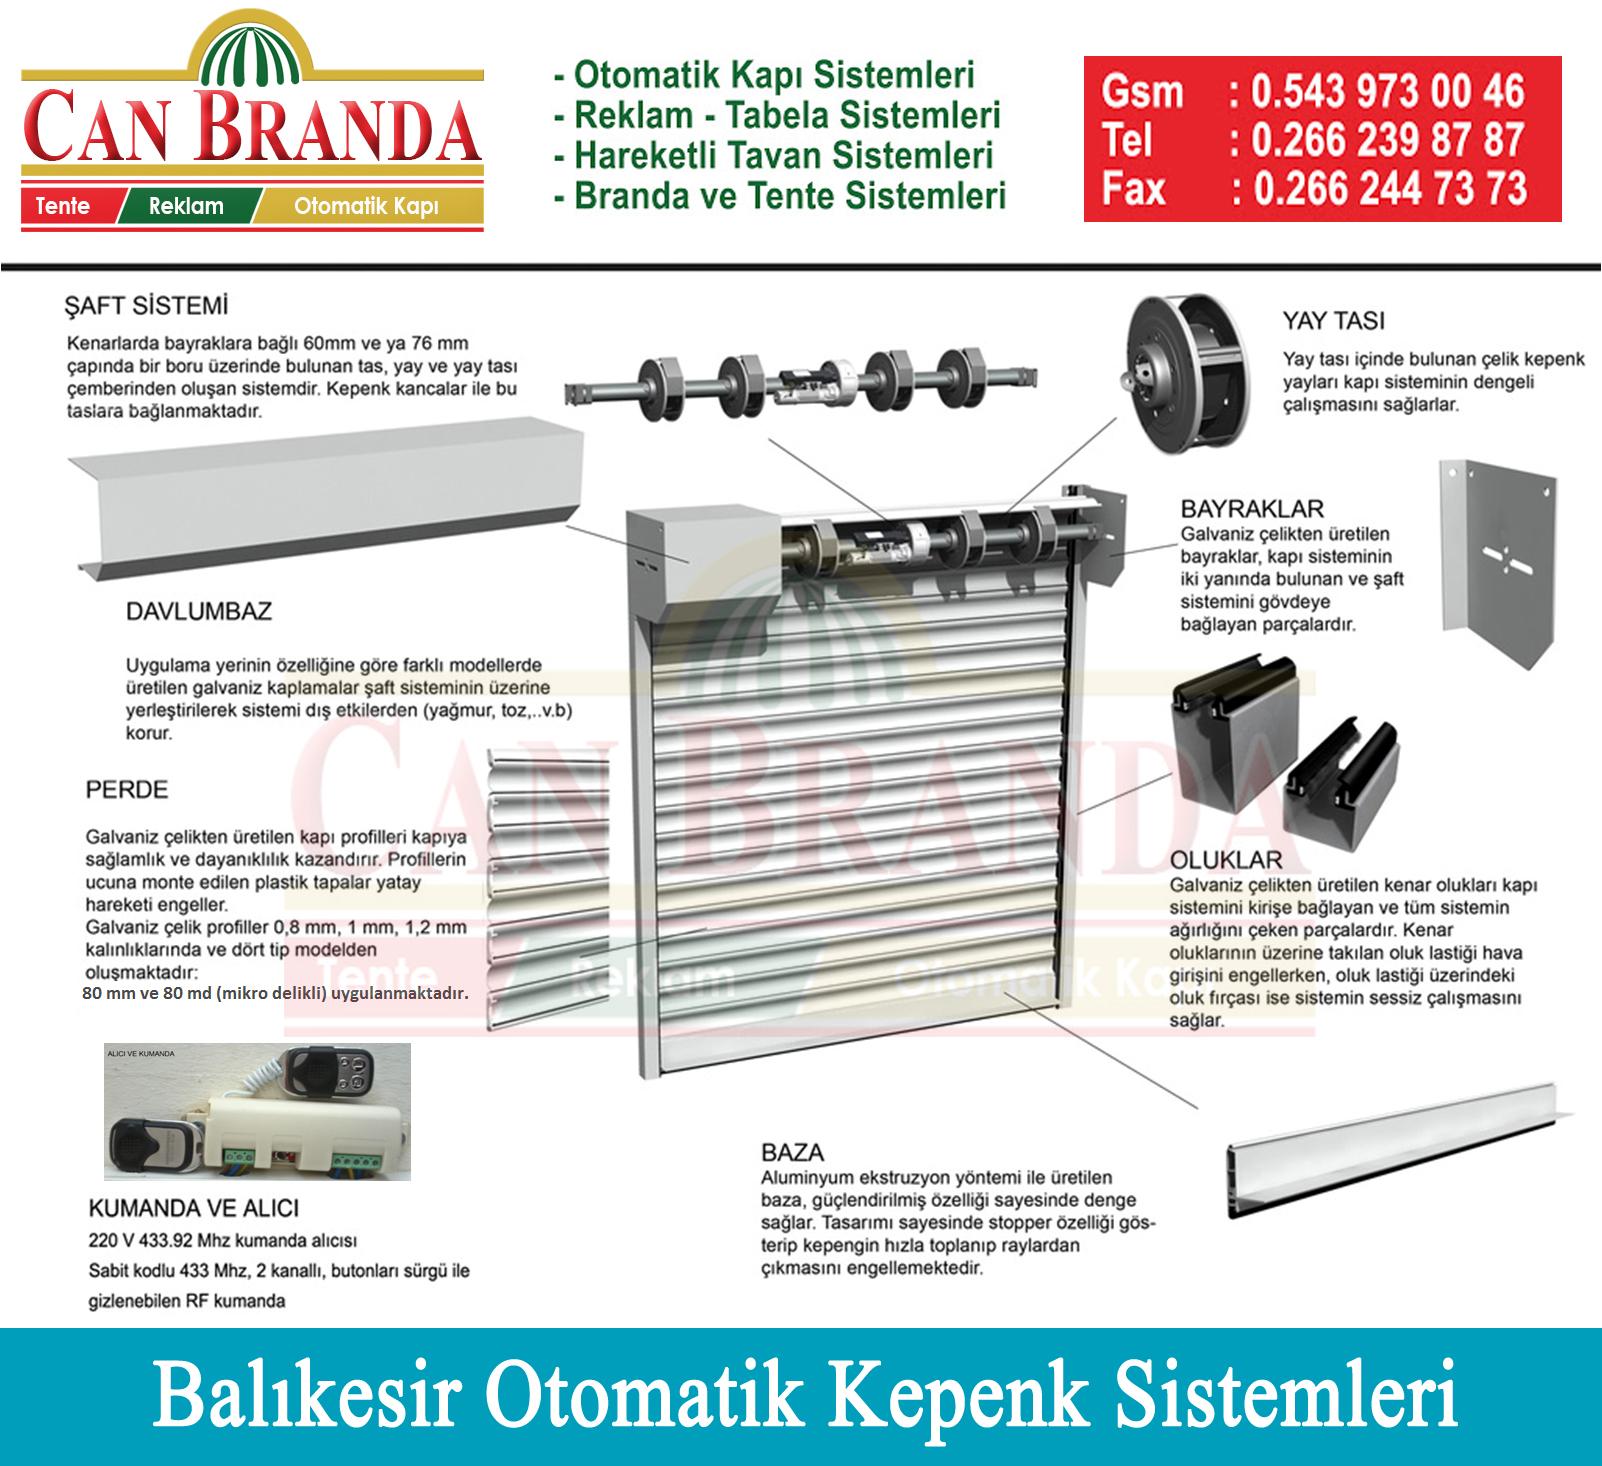 balikesir_otomatik_kepenk